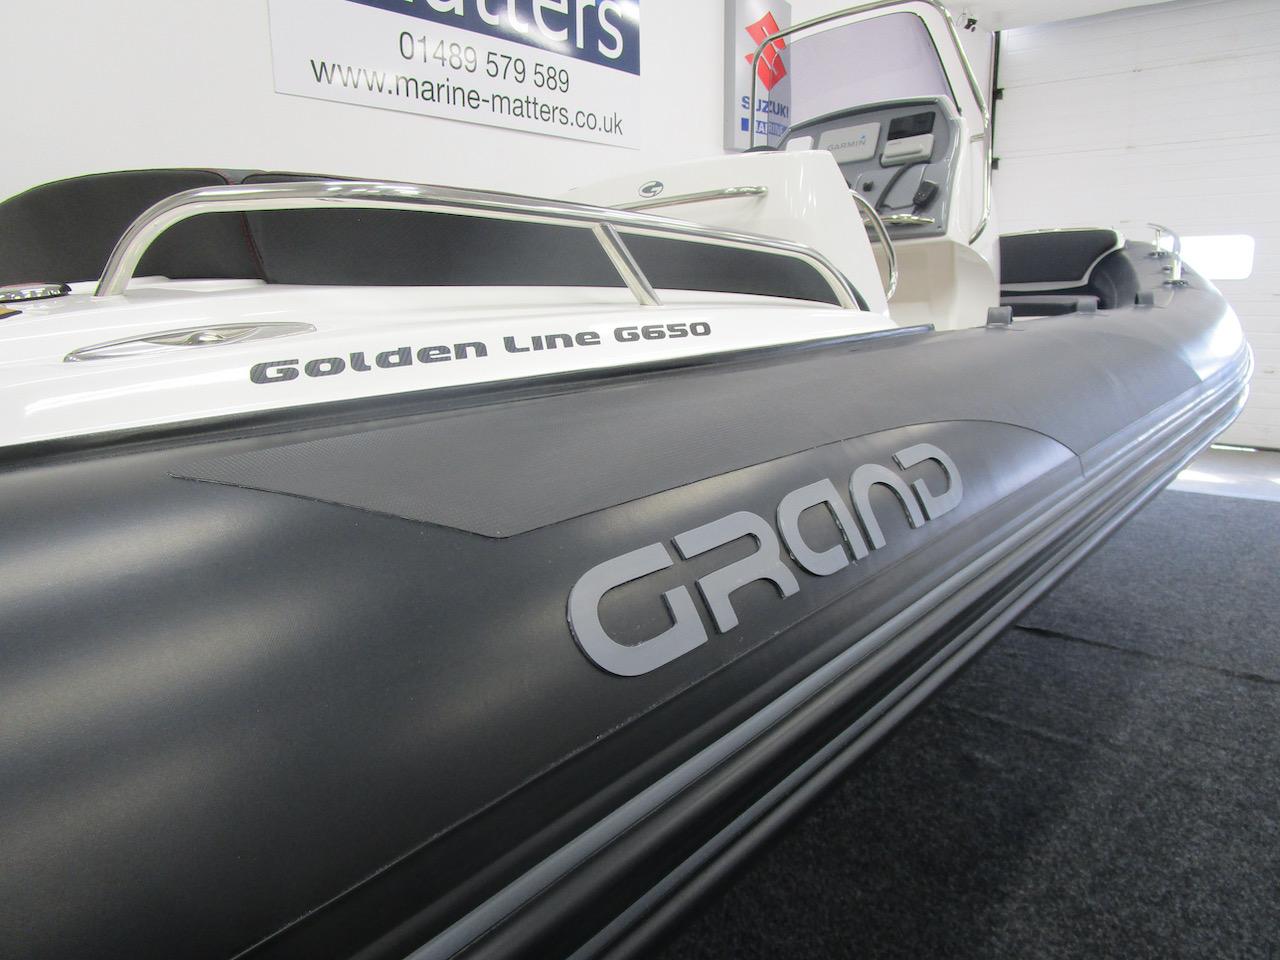 Grand RIB Golden Line G650 55cm diameter tube